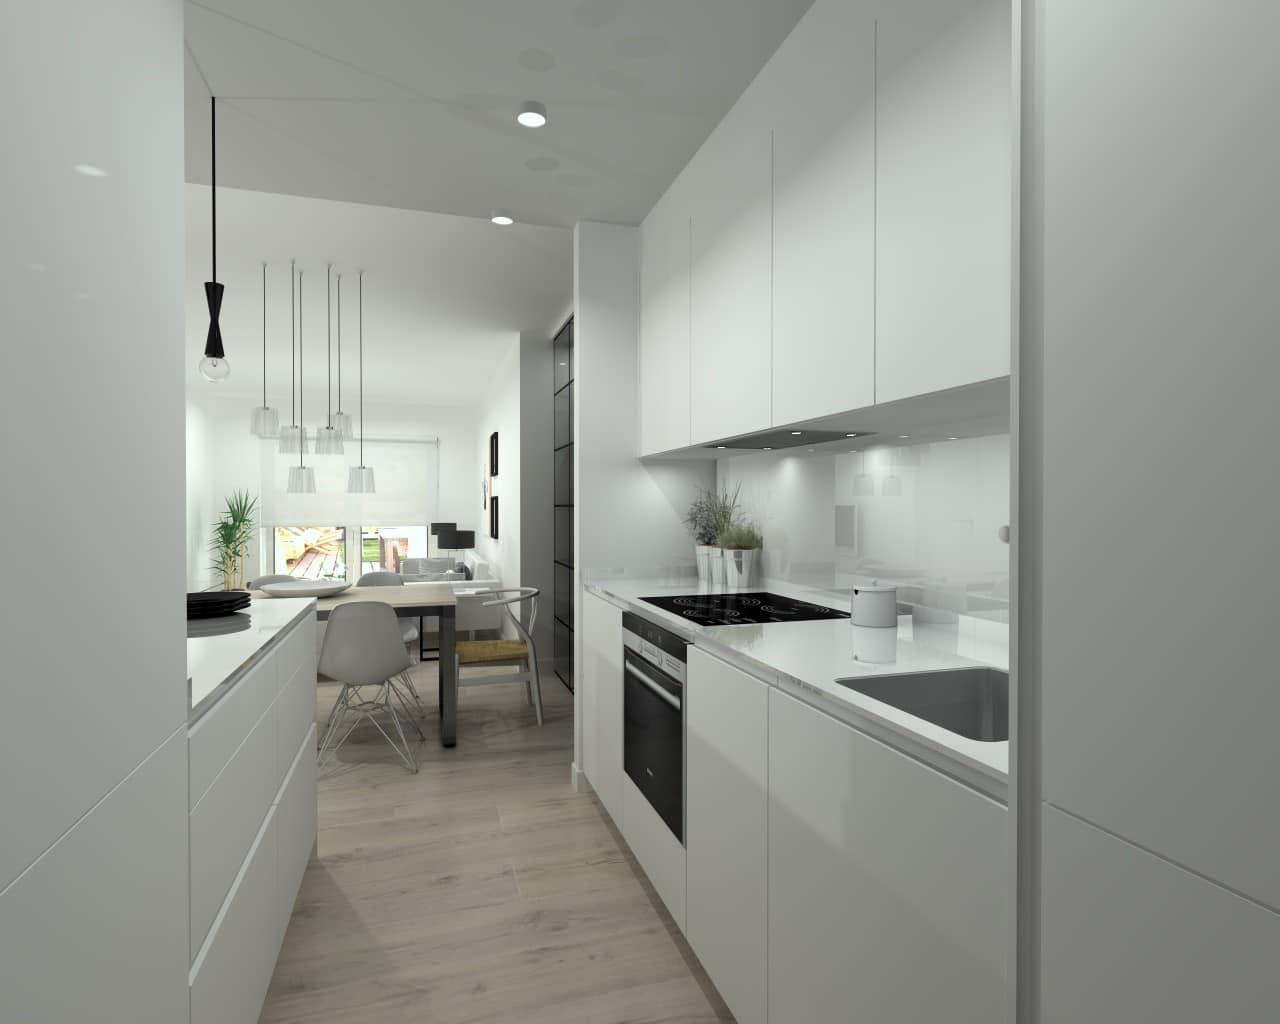 Cocina abierta en apartamento peque o estudio cocinas dc for Cocinas apartamentos pequenos